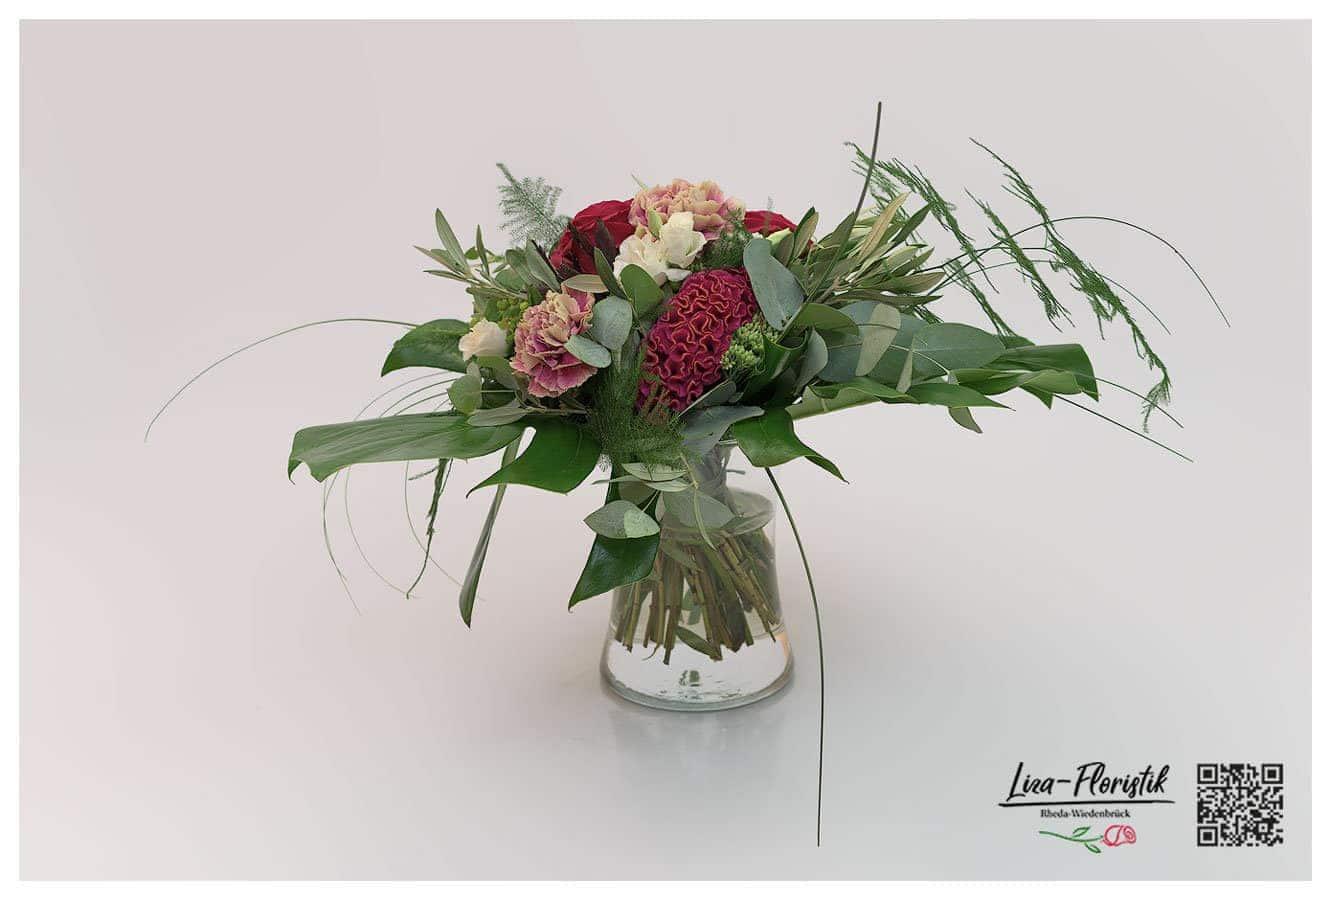 Blumenstrauß mit Ecuador Rose, Eukalyptus, Nelke, Asparagus, Celosie und Olive